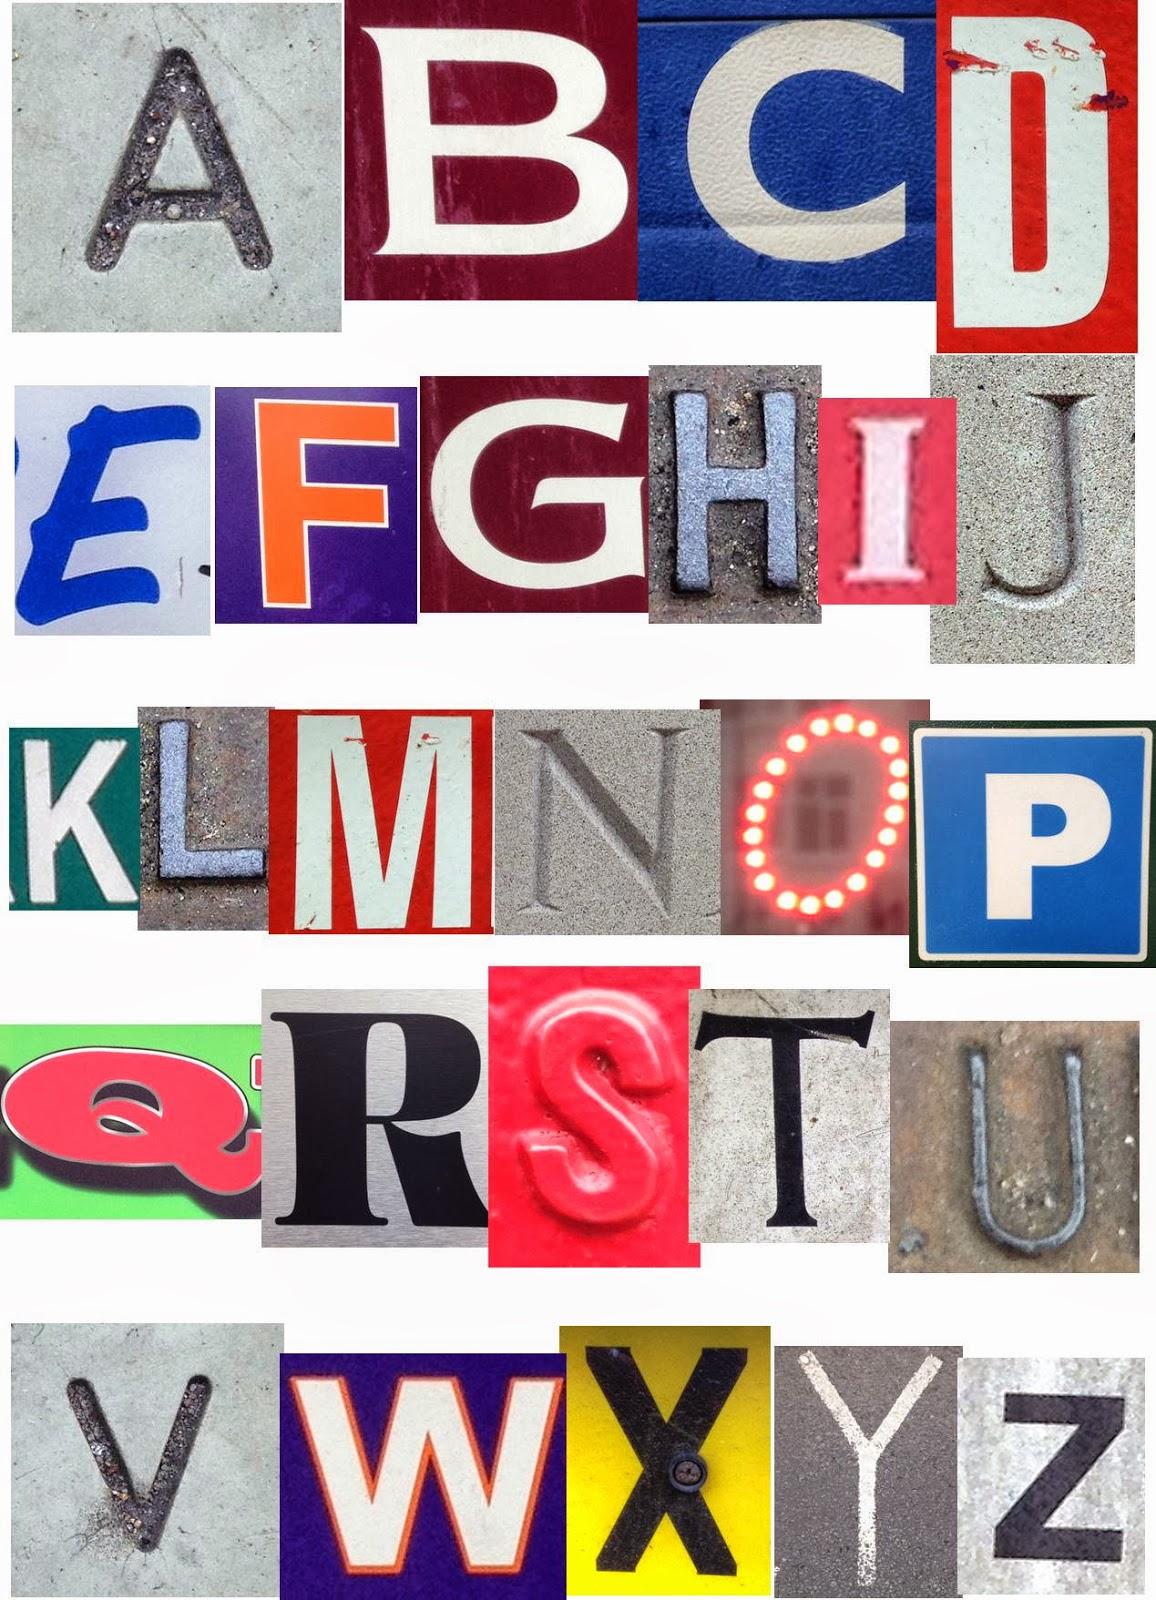 Magazine Cut Out Letters Font